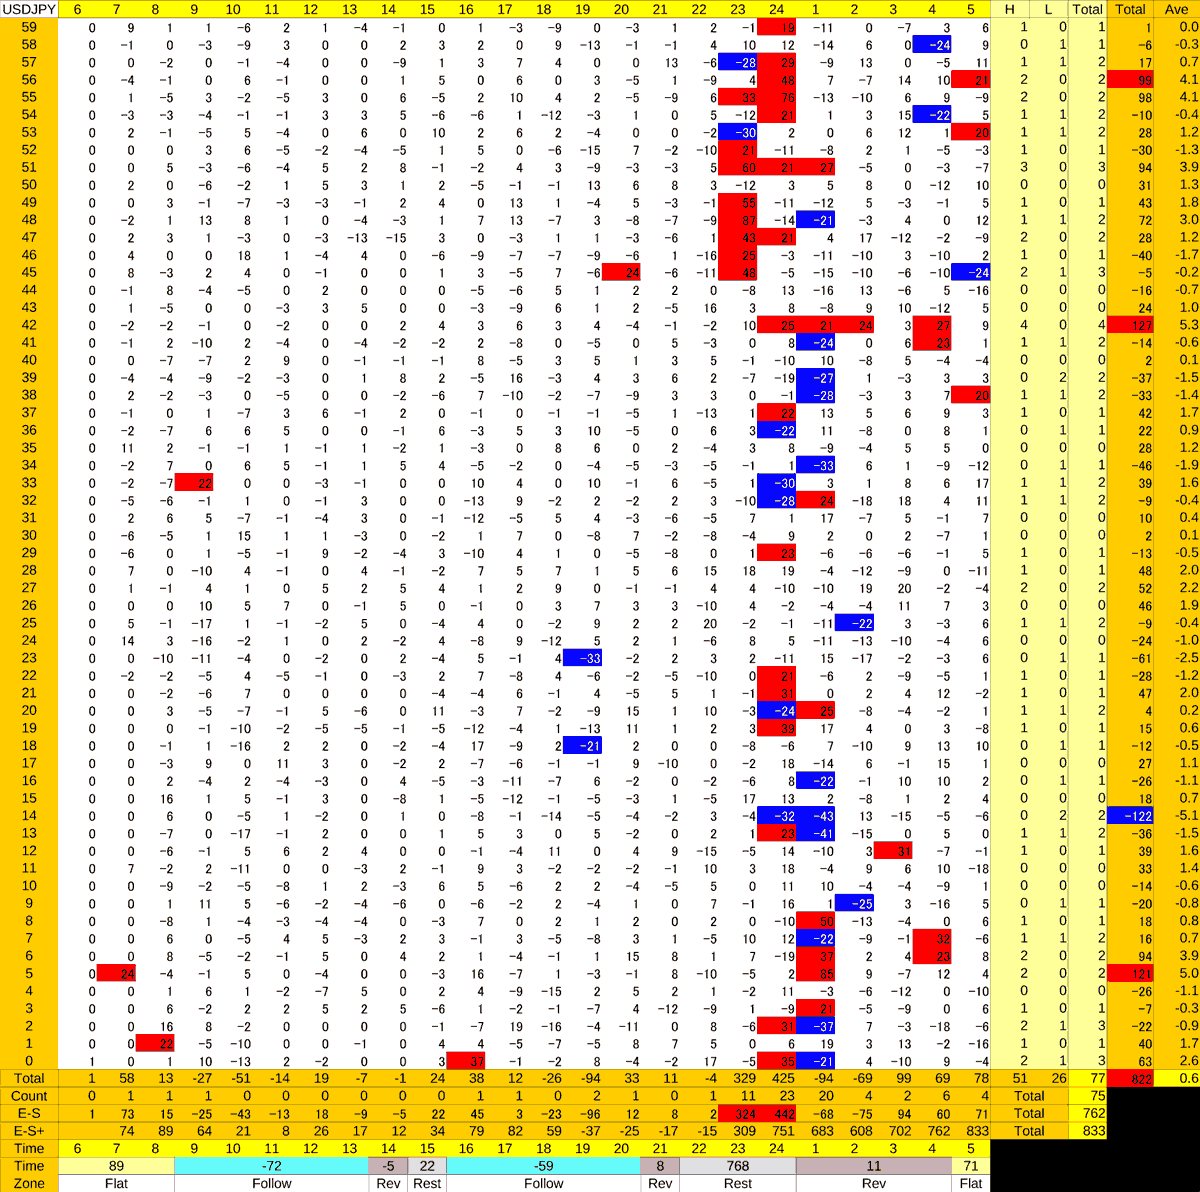 20201123_HS(1)USDJPY